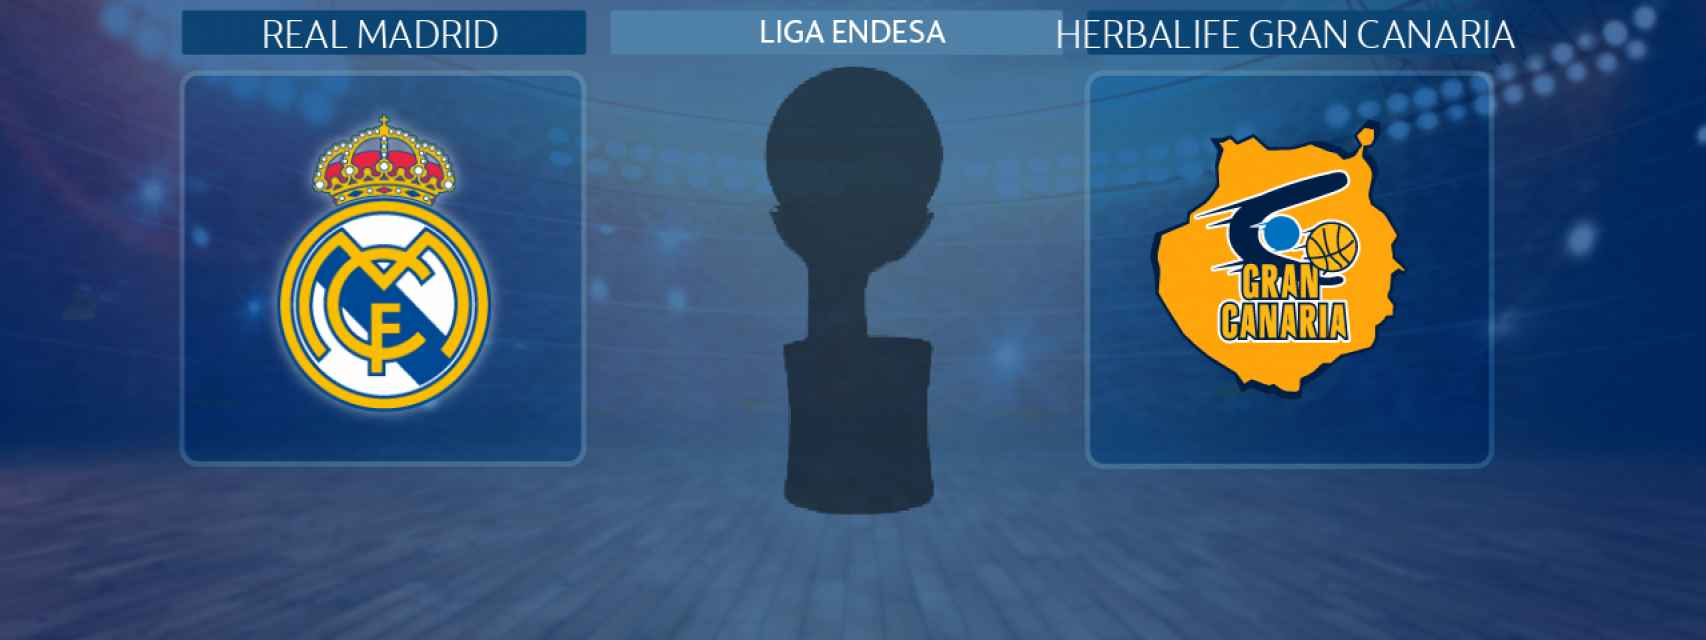 Real Madrid - Herbalife Gran Canaria, partido de la Liga Endesa